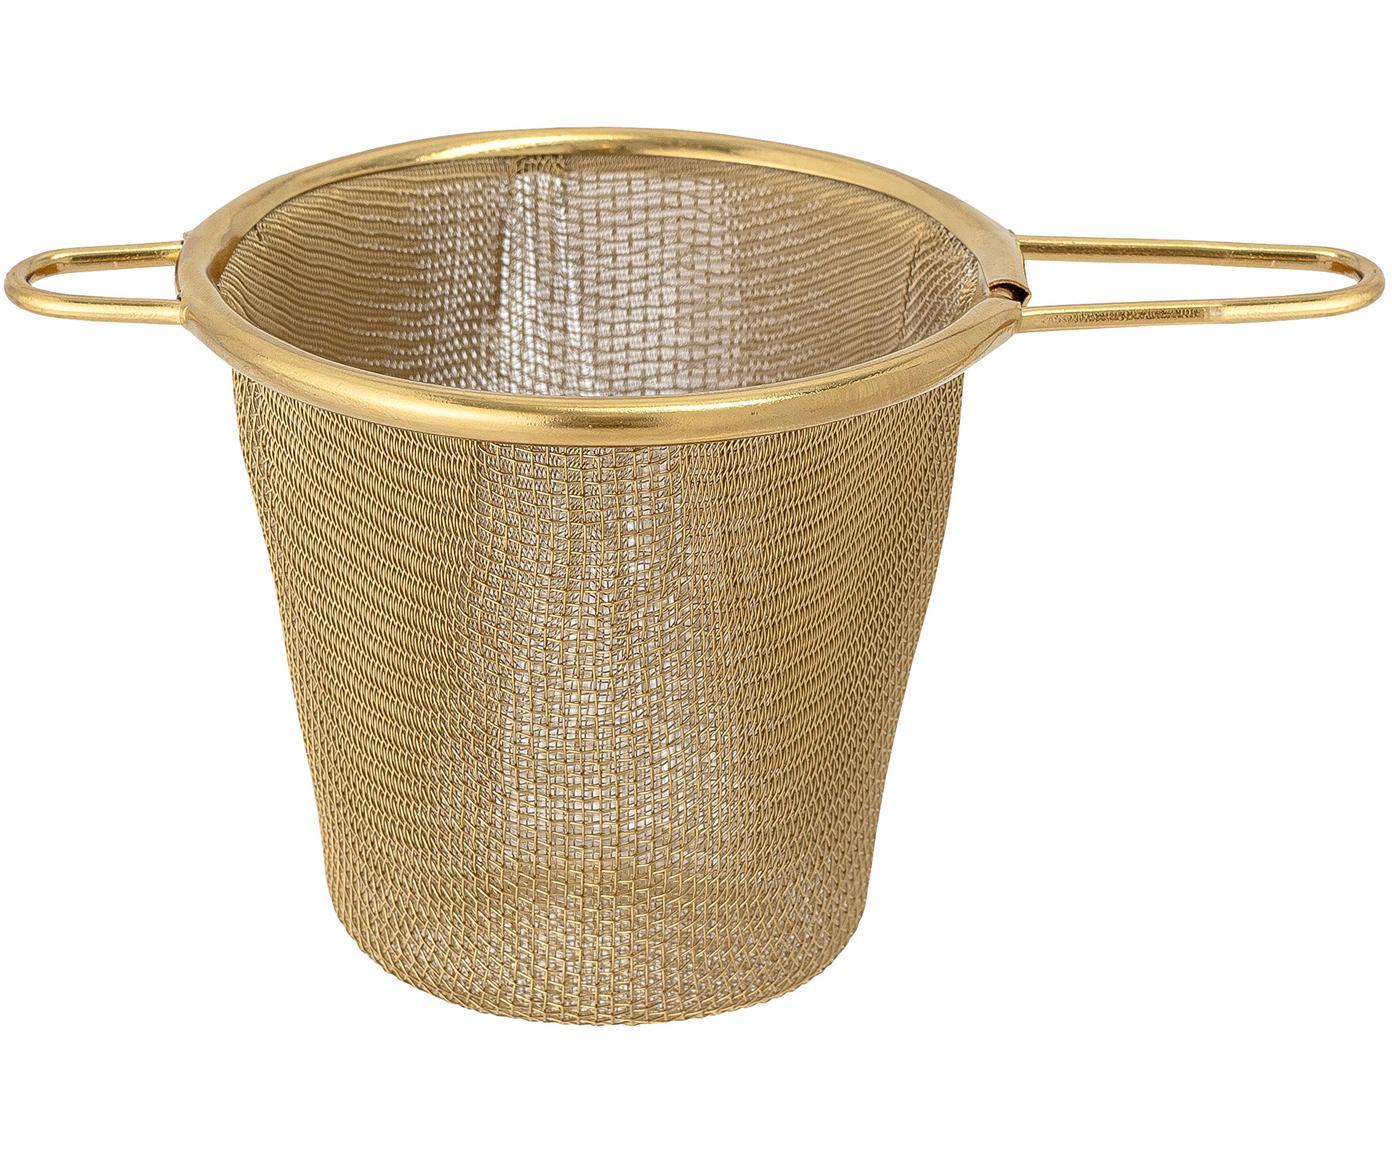 Sitko do herbaty Kronos, Stal szlachetna, powlekana, Odcienie mosiądzu, S 14 x W 7 cm